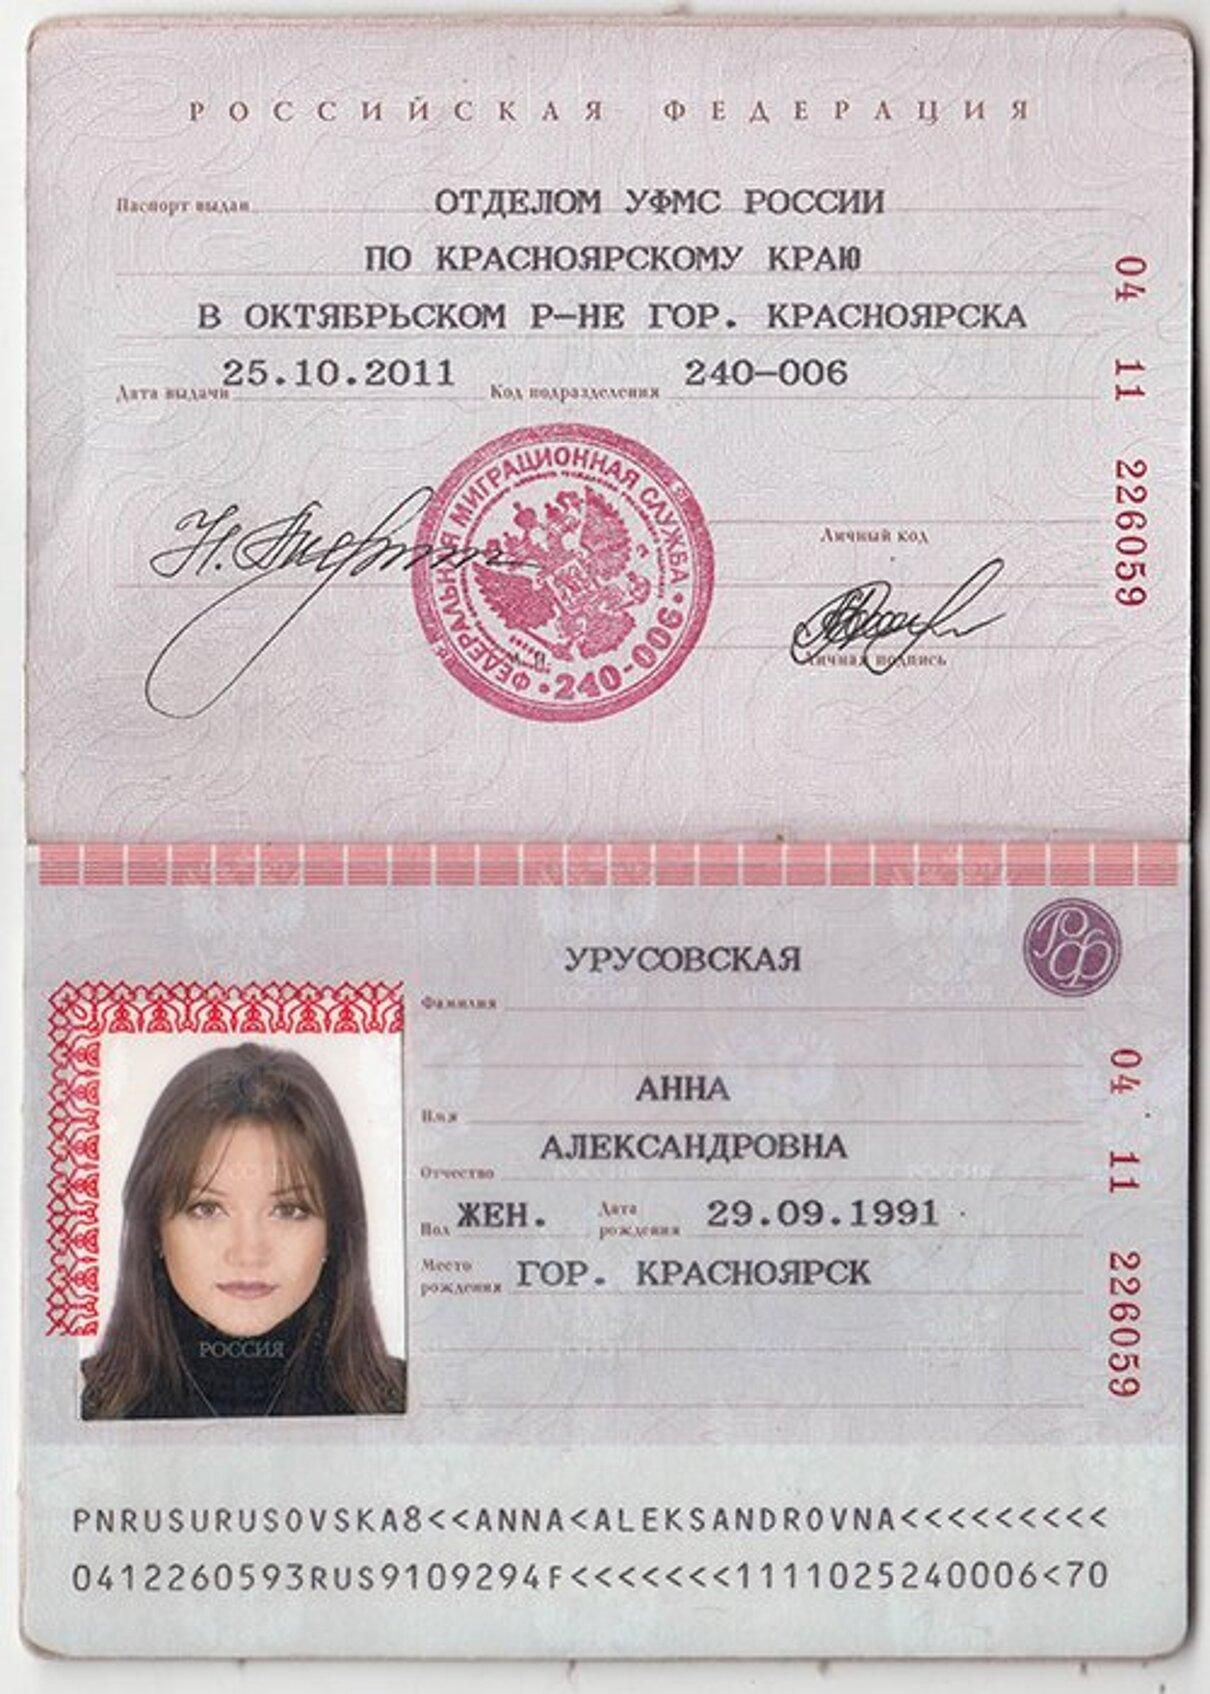 Жалоба-отзыв: Урусовская Анна Александровна - Вич - инфицированная.  Фото №1